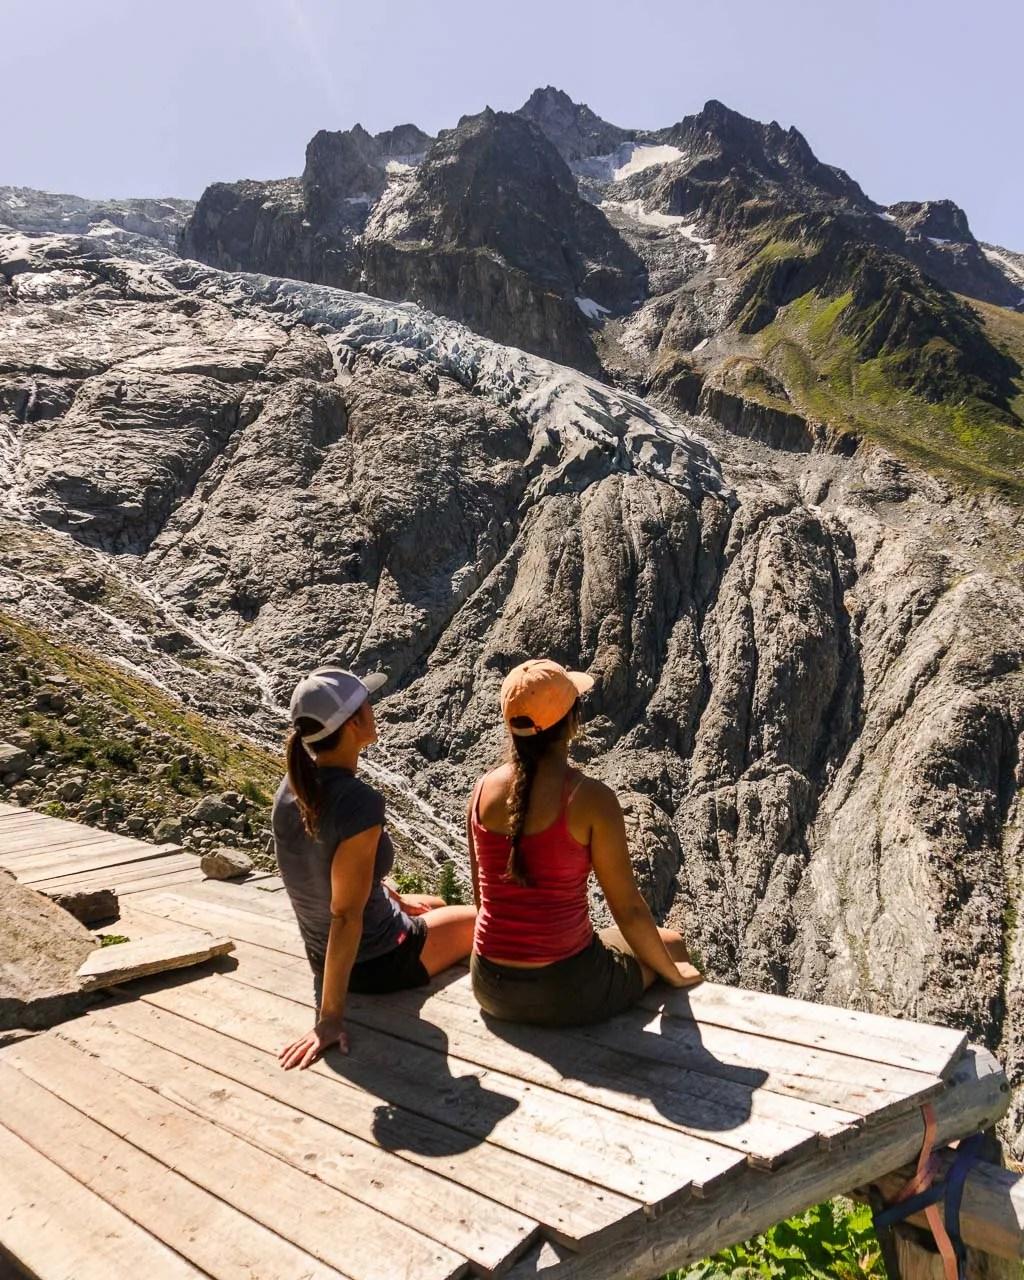 Tour du Mont Blanc alt stage 8, Fenetre d'Arpette descent, Swiss Alps